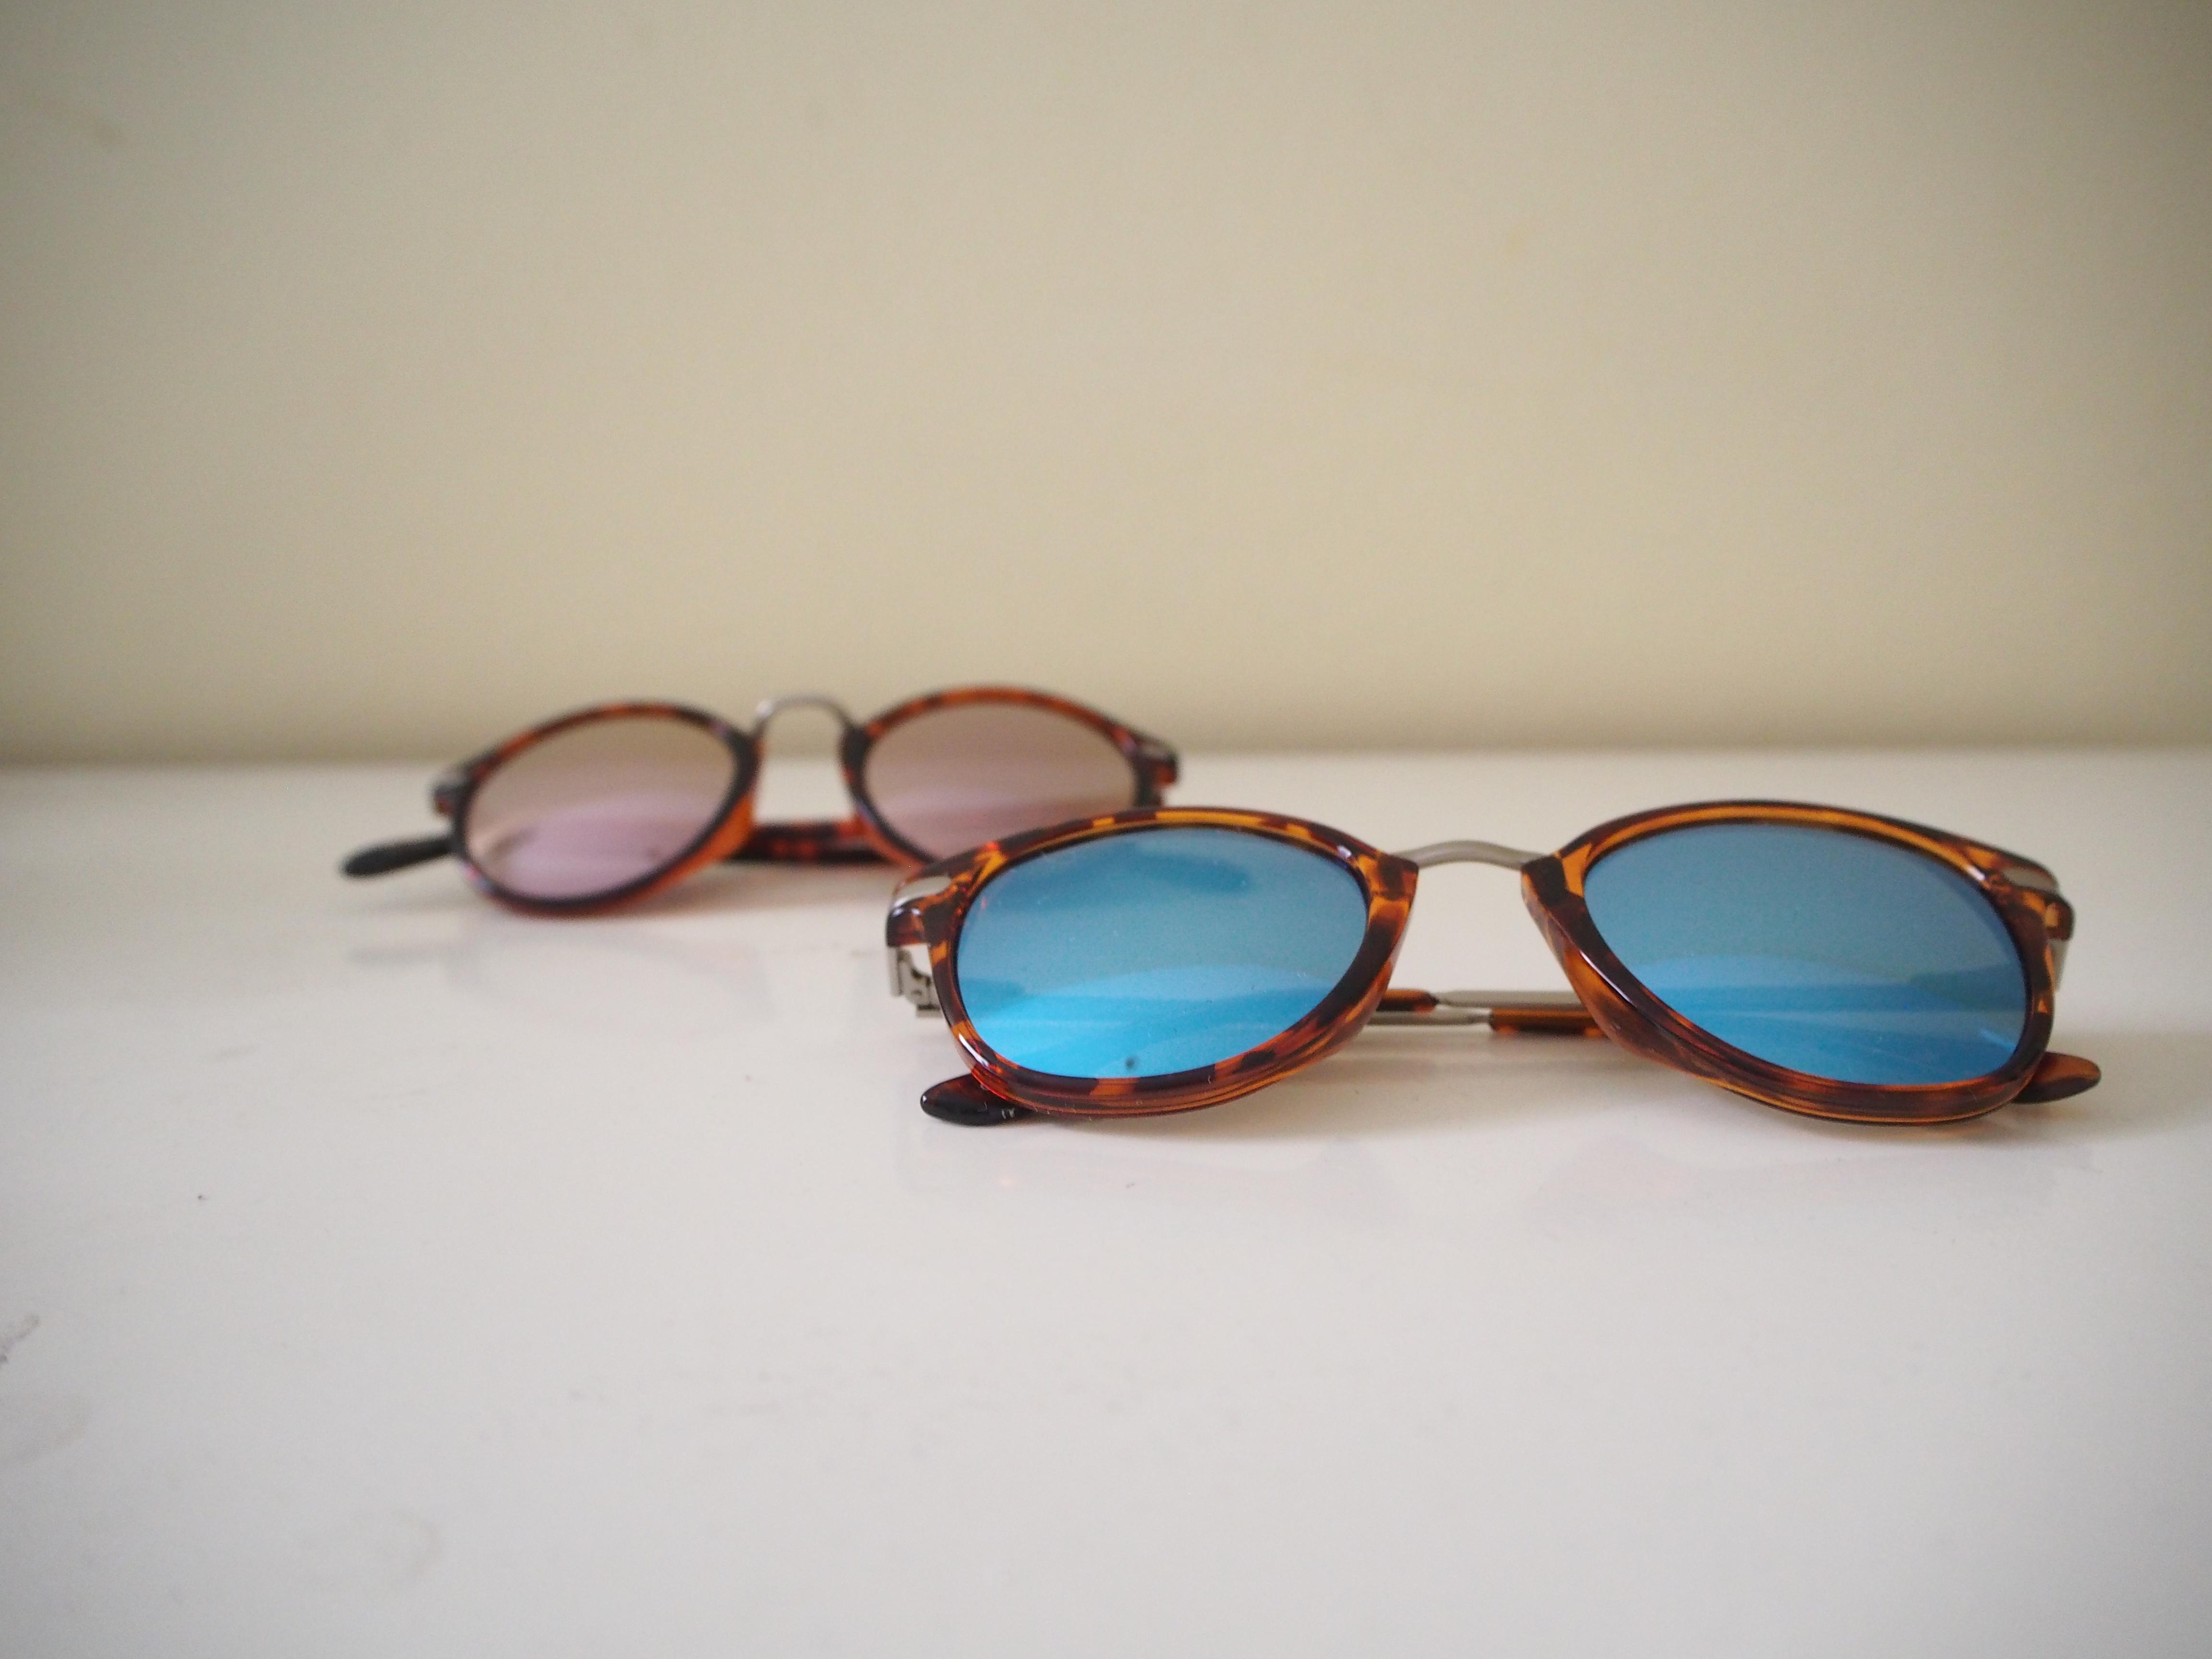 51c167190f Las gafas de sol de Meller no son solo para el verano